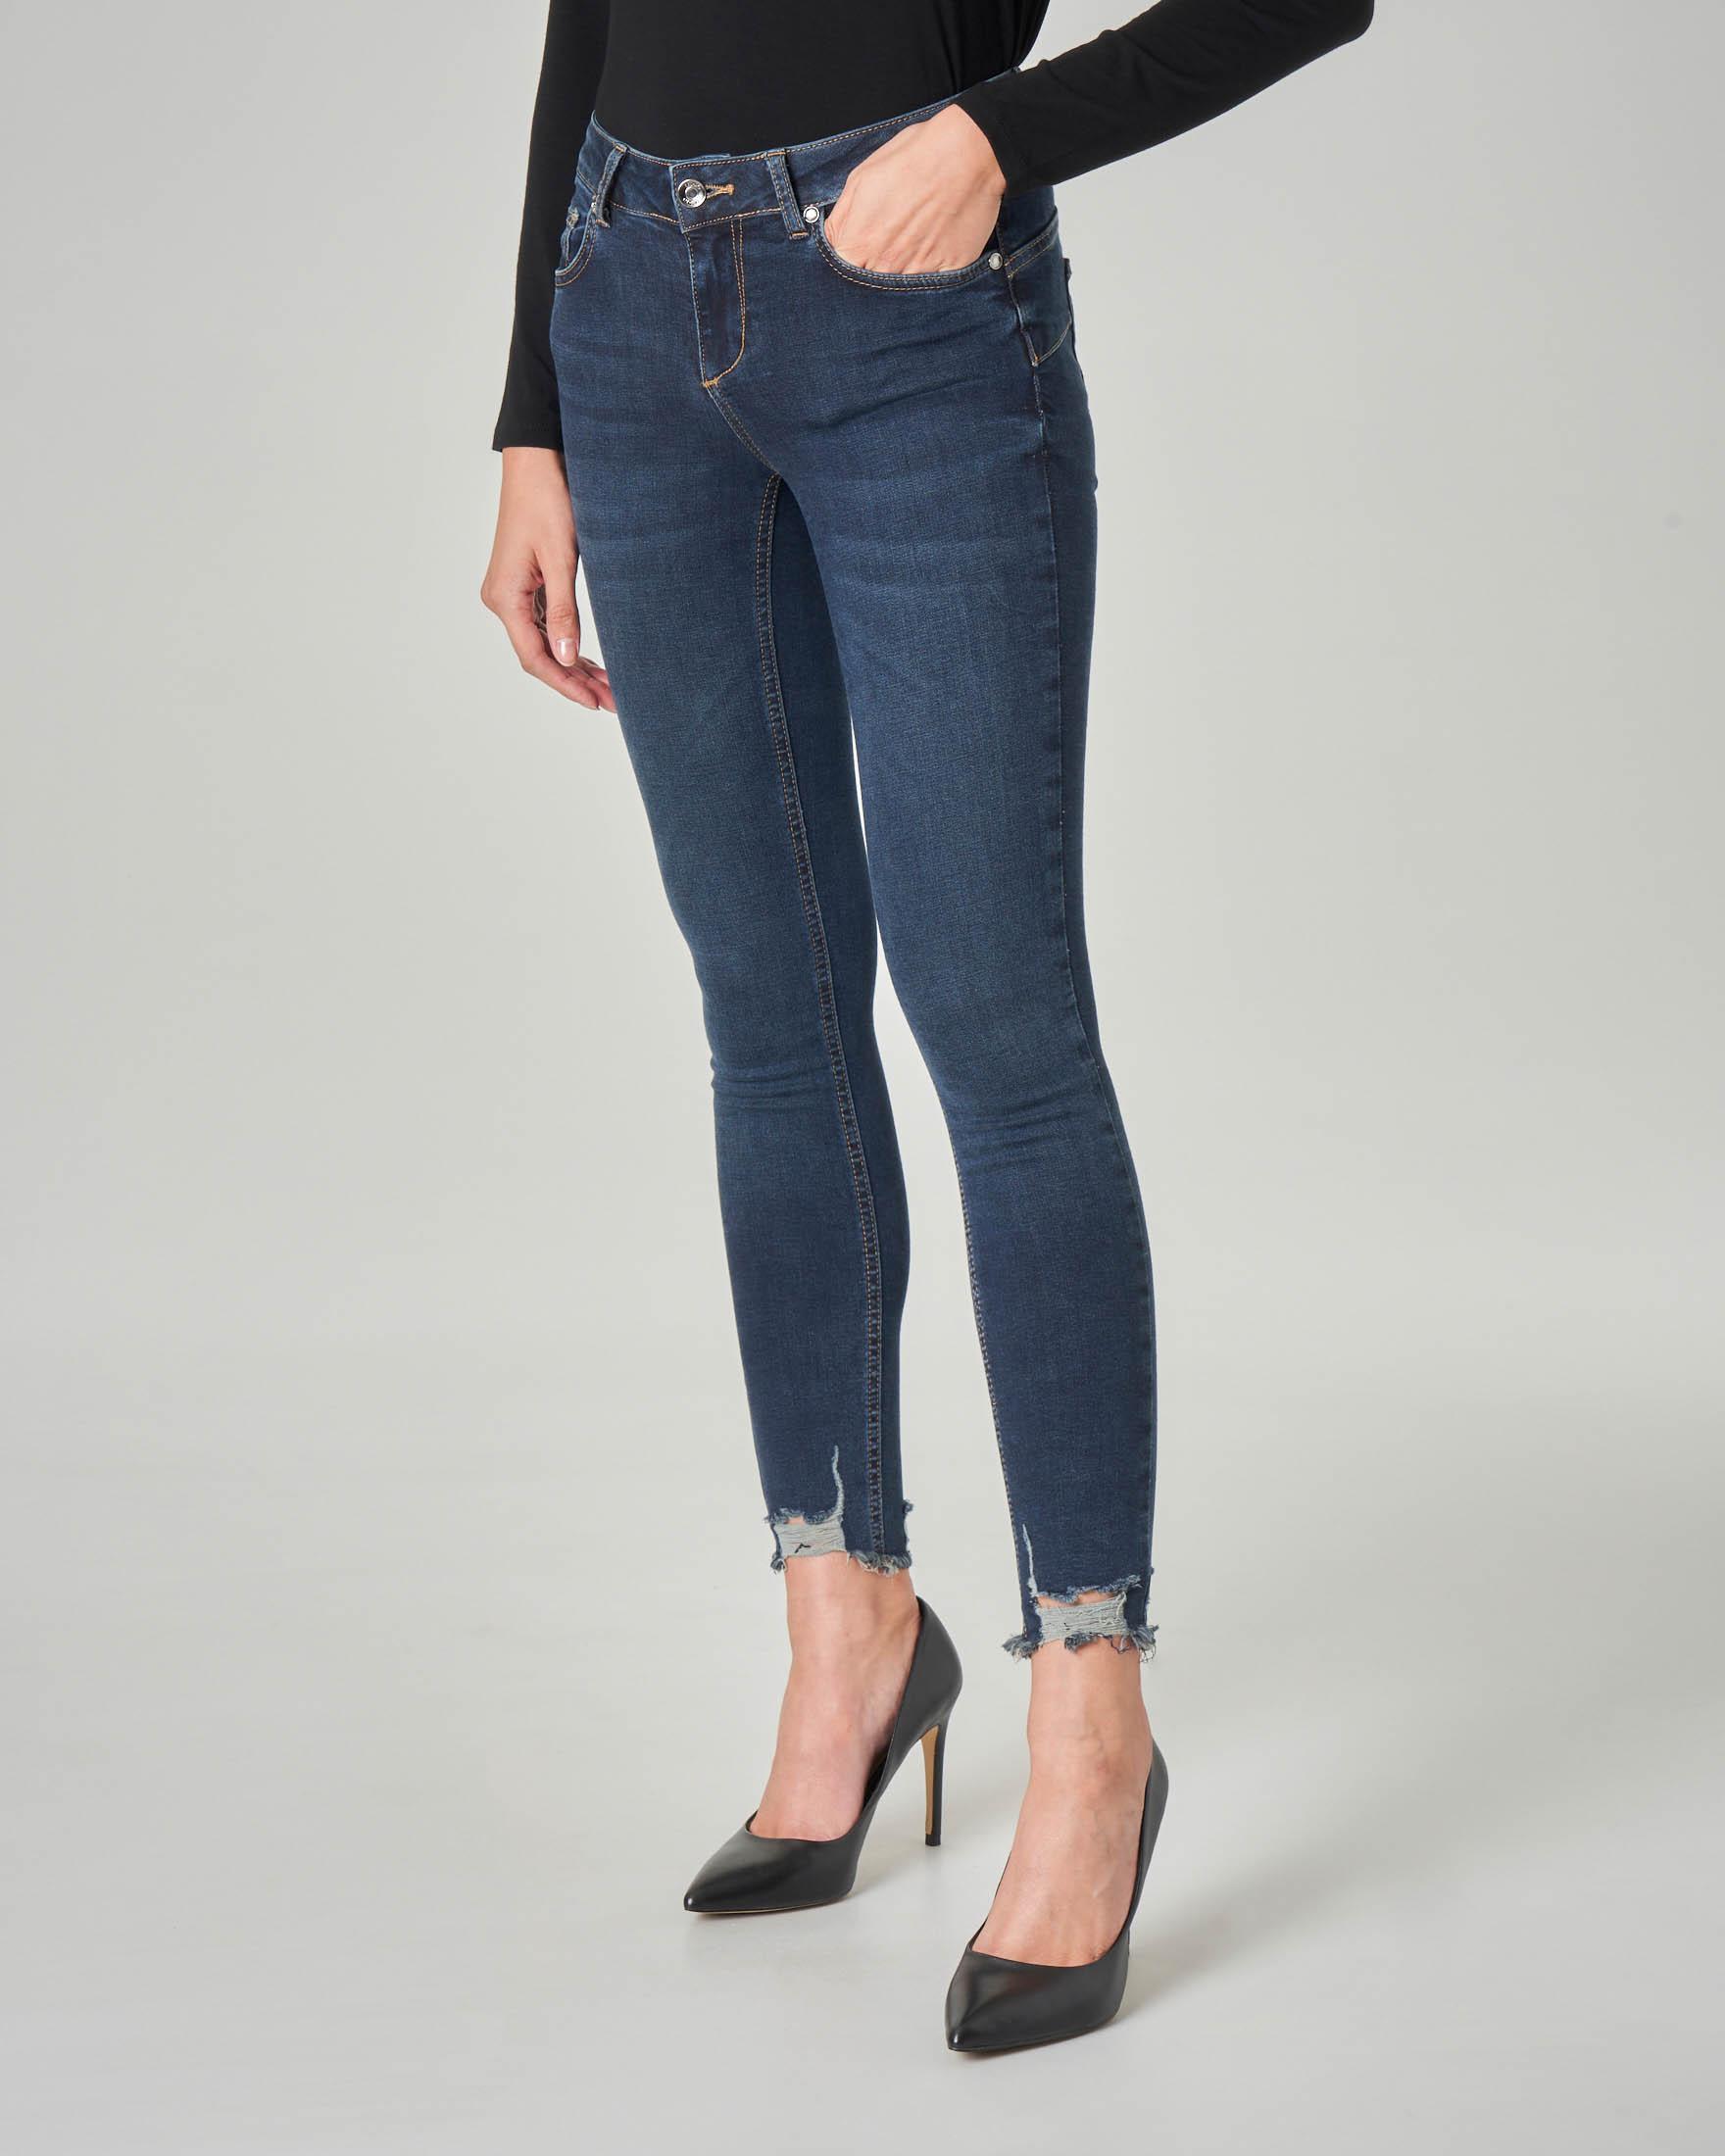 Jeans skinny Bottom up a vita medi con orli sfrangiati